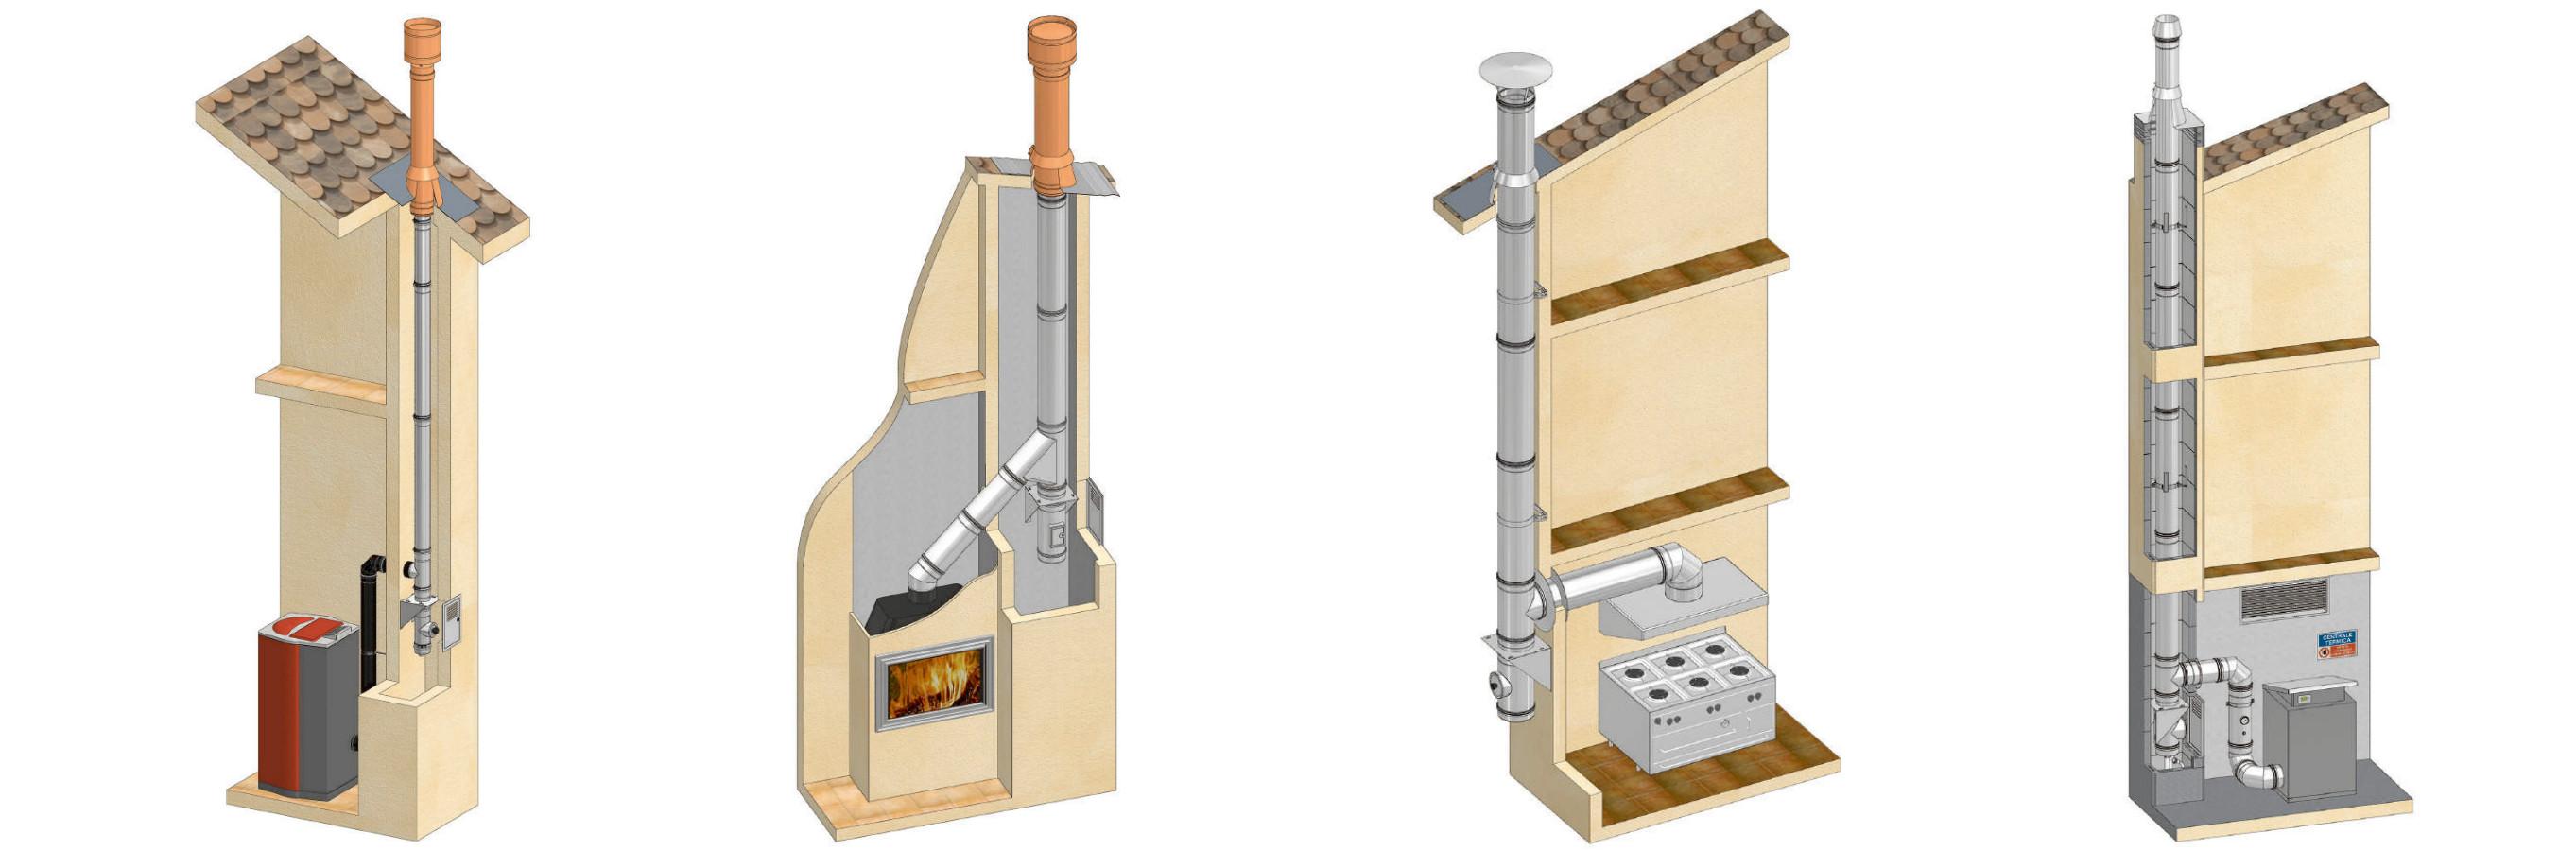 Esempi di installazione per canna fumaria acciaio inox